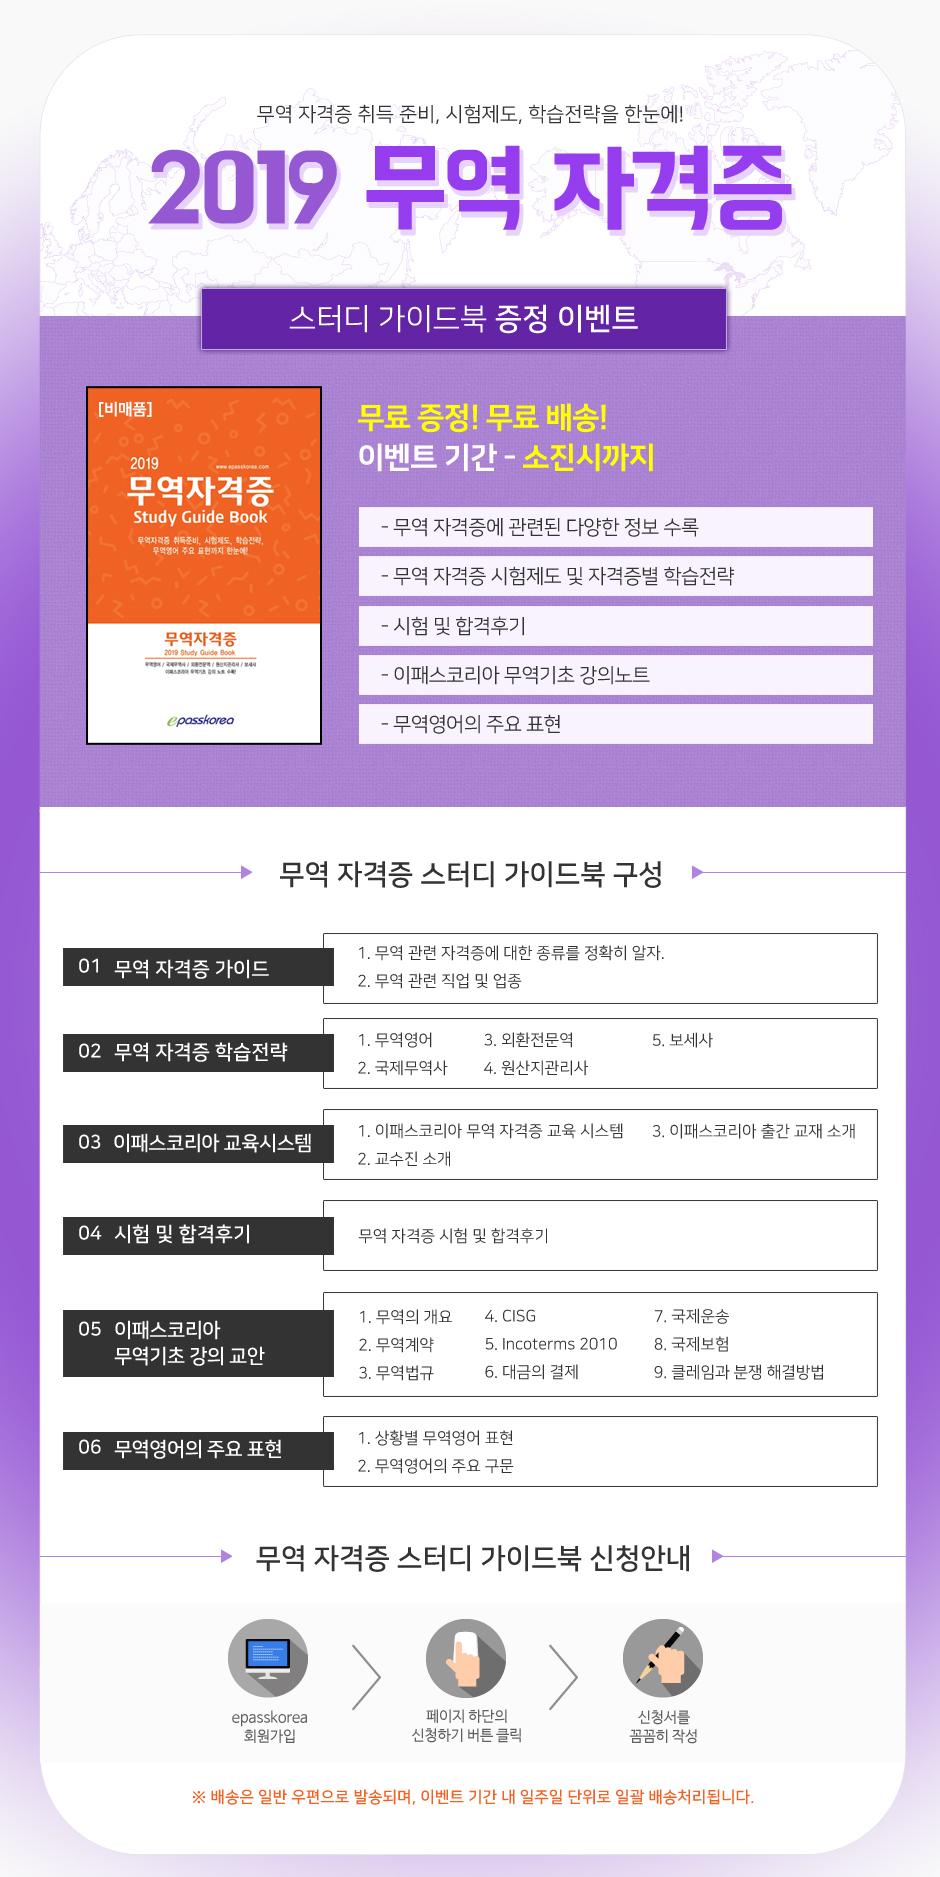 2019 무역자격증 스터디 가이드북 증정 이벤트